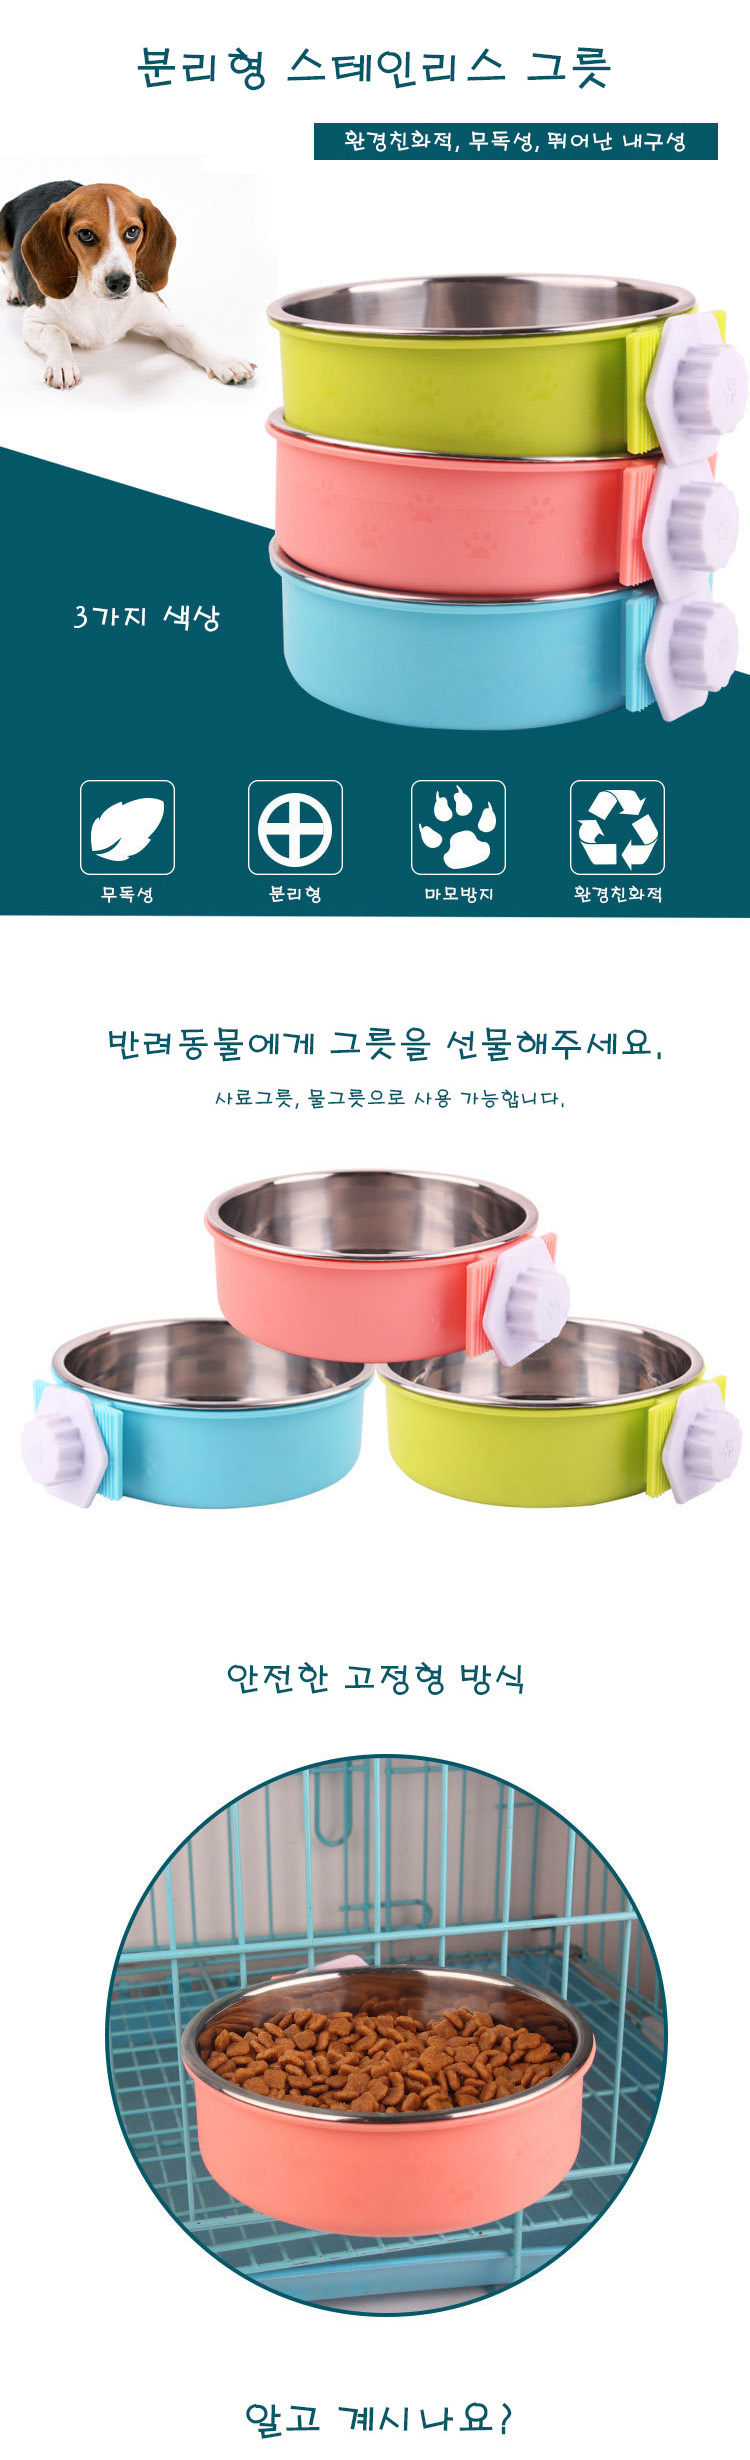 강아지 식기 걸이형 분리형 고양이 밥그릇 - 펫블라썸, 9,000원, 급수/급식기, 식기/식탁